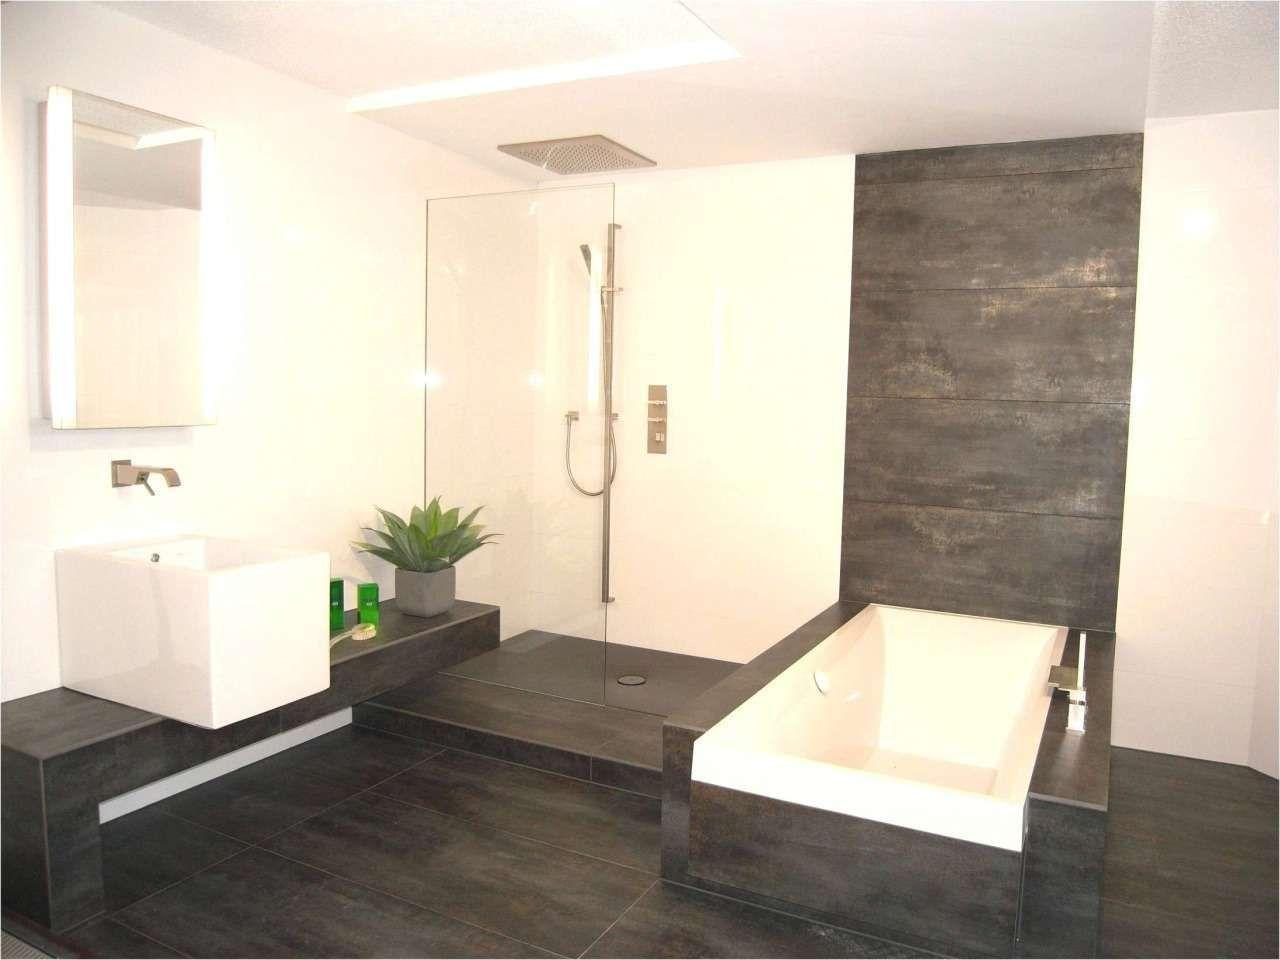 8 Garten Renovieren Kosten Frisch Kosten Badezimme Kosten Badezimmer Badezimmer Neu Gestalten Badezimmer Beispiele